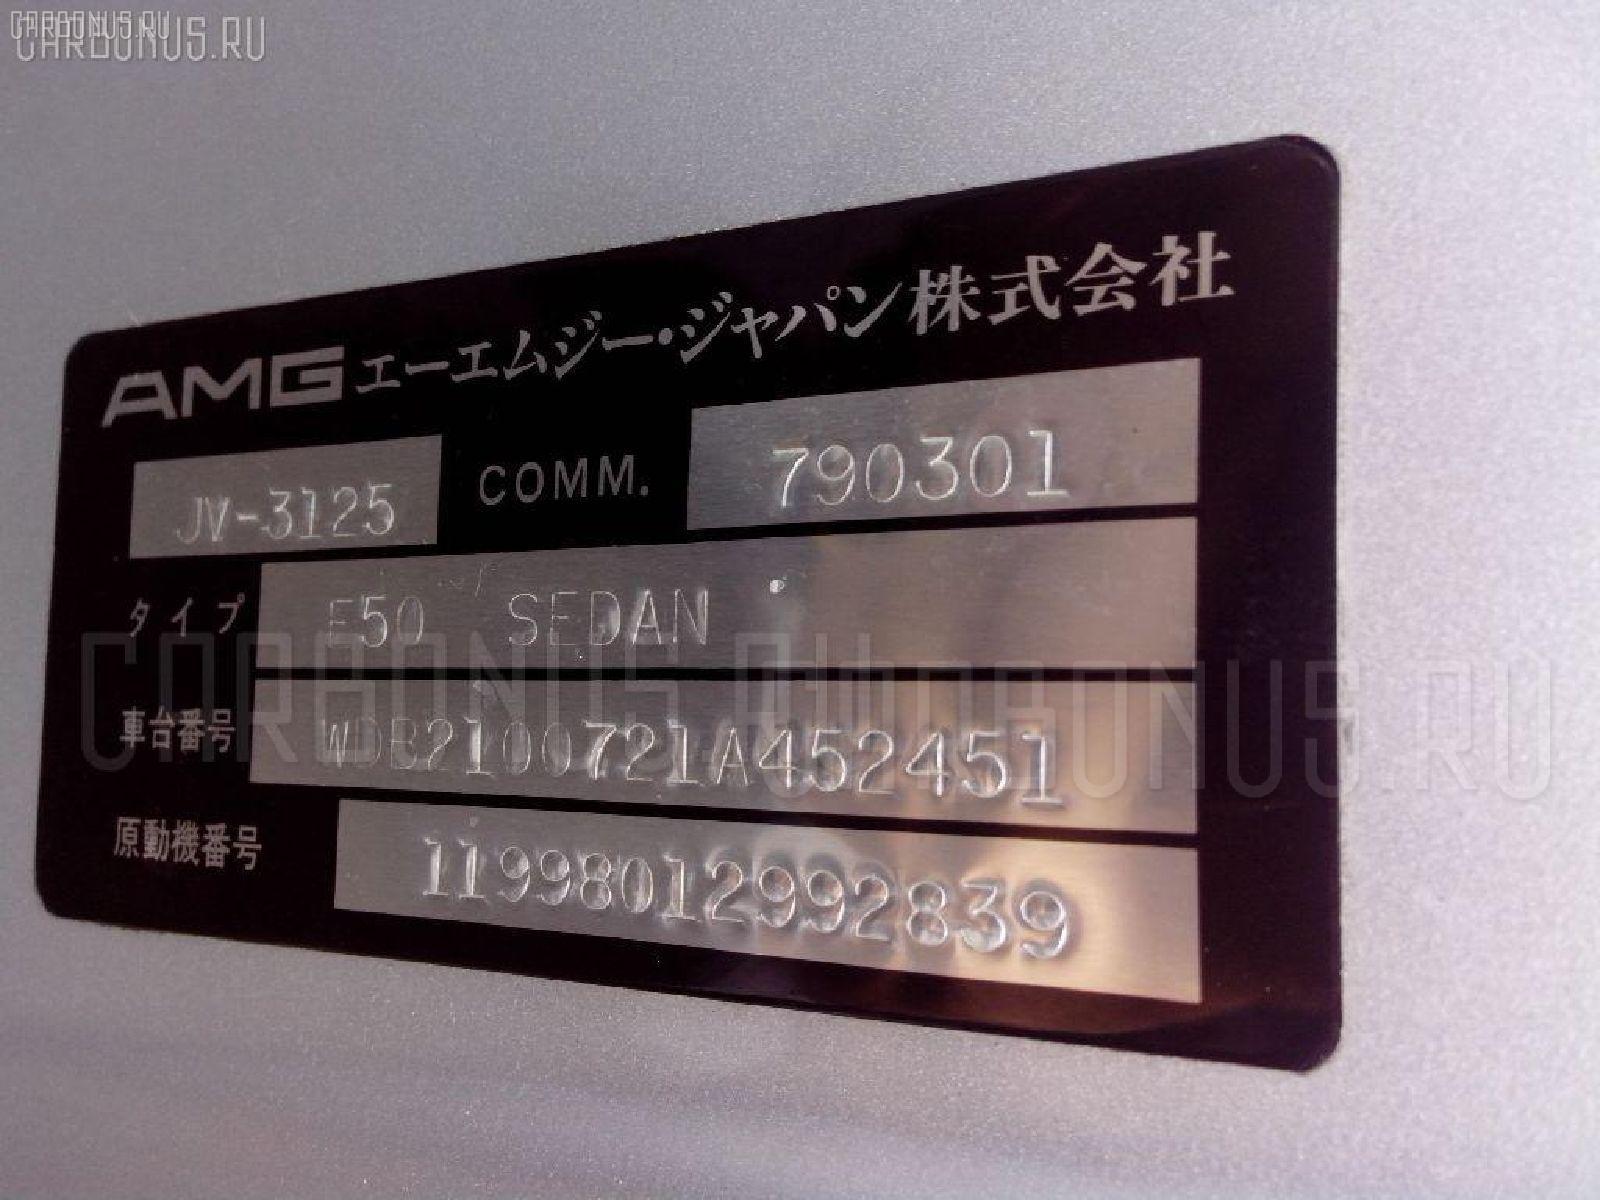 Блок ABS MERCEDES-BENZ E-CLASS W210.072 119.980 Фото 7